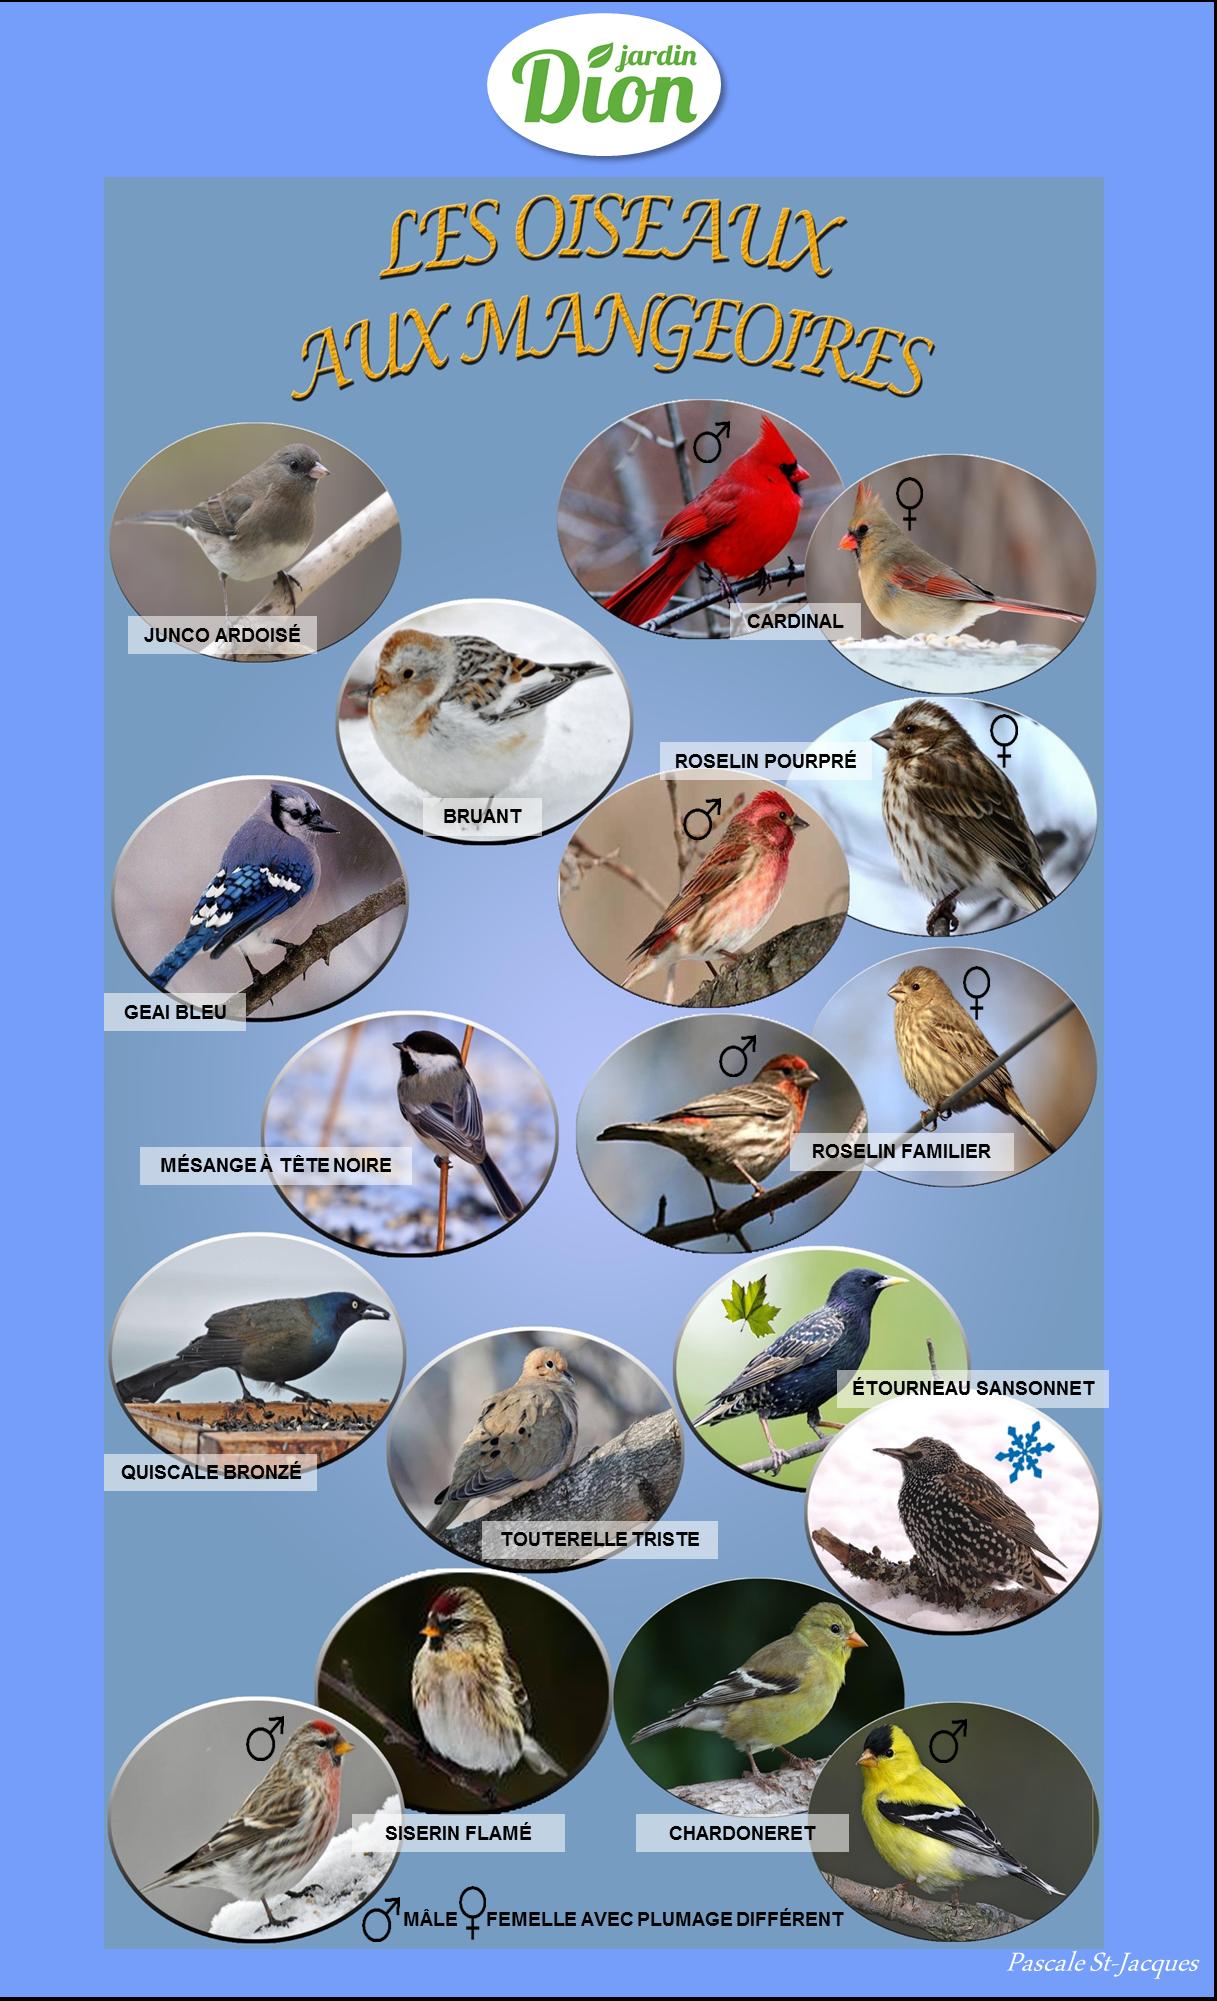 Blogue jardin dion - Comment effrayer les oiseaux ...